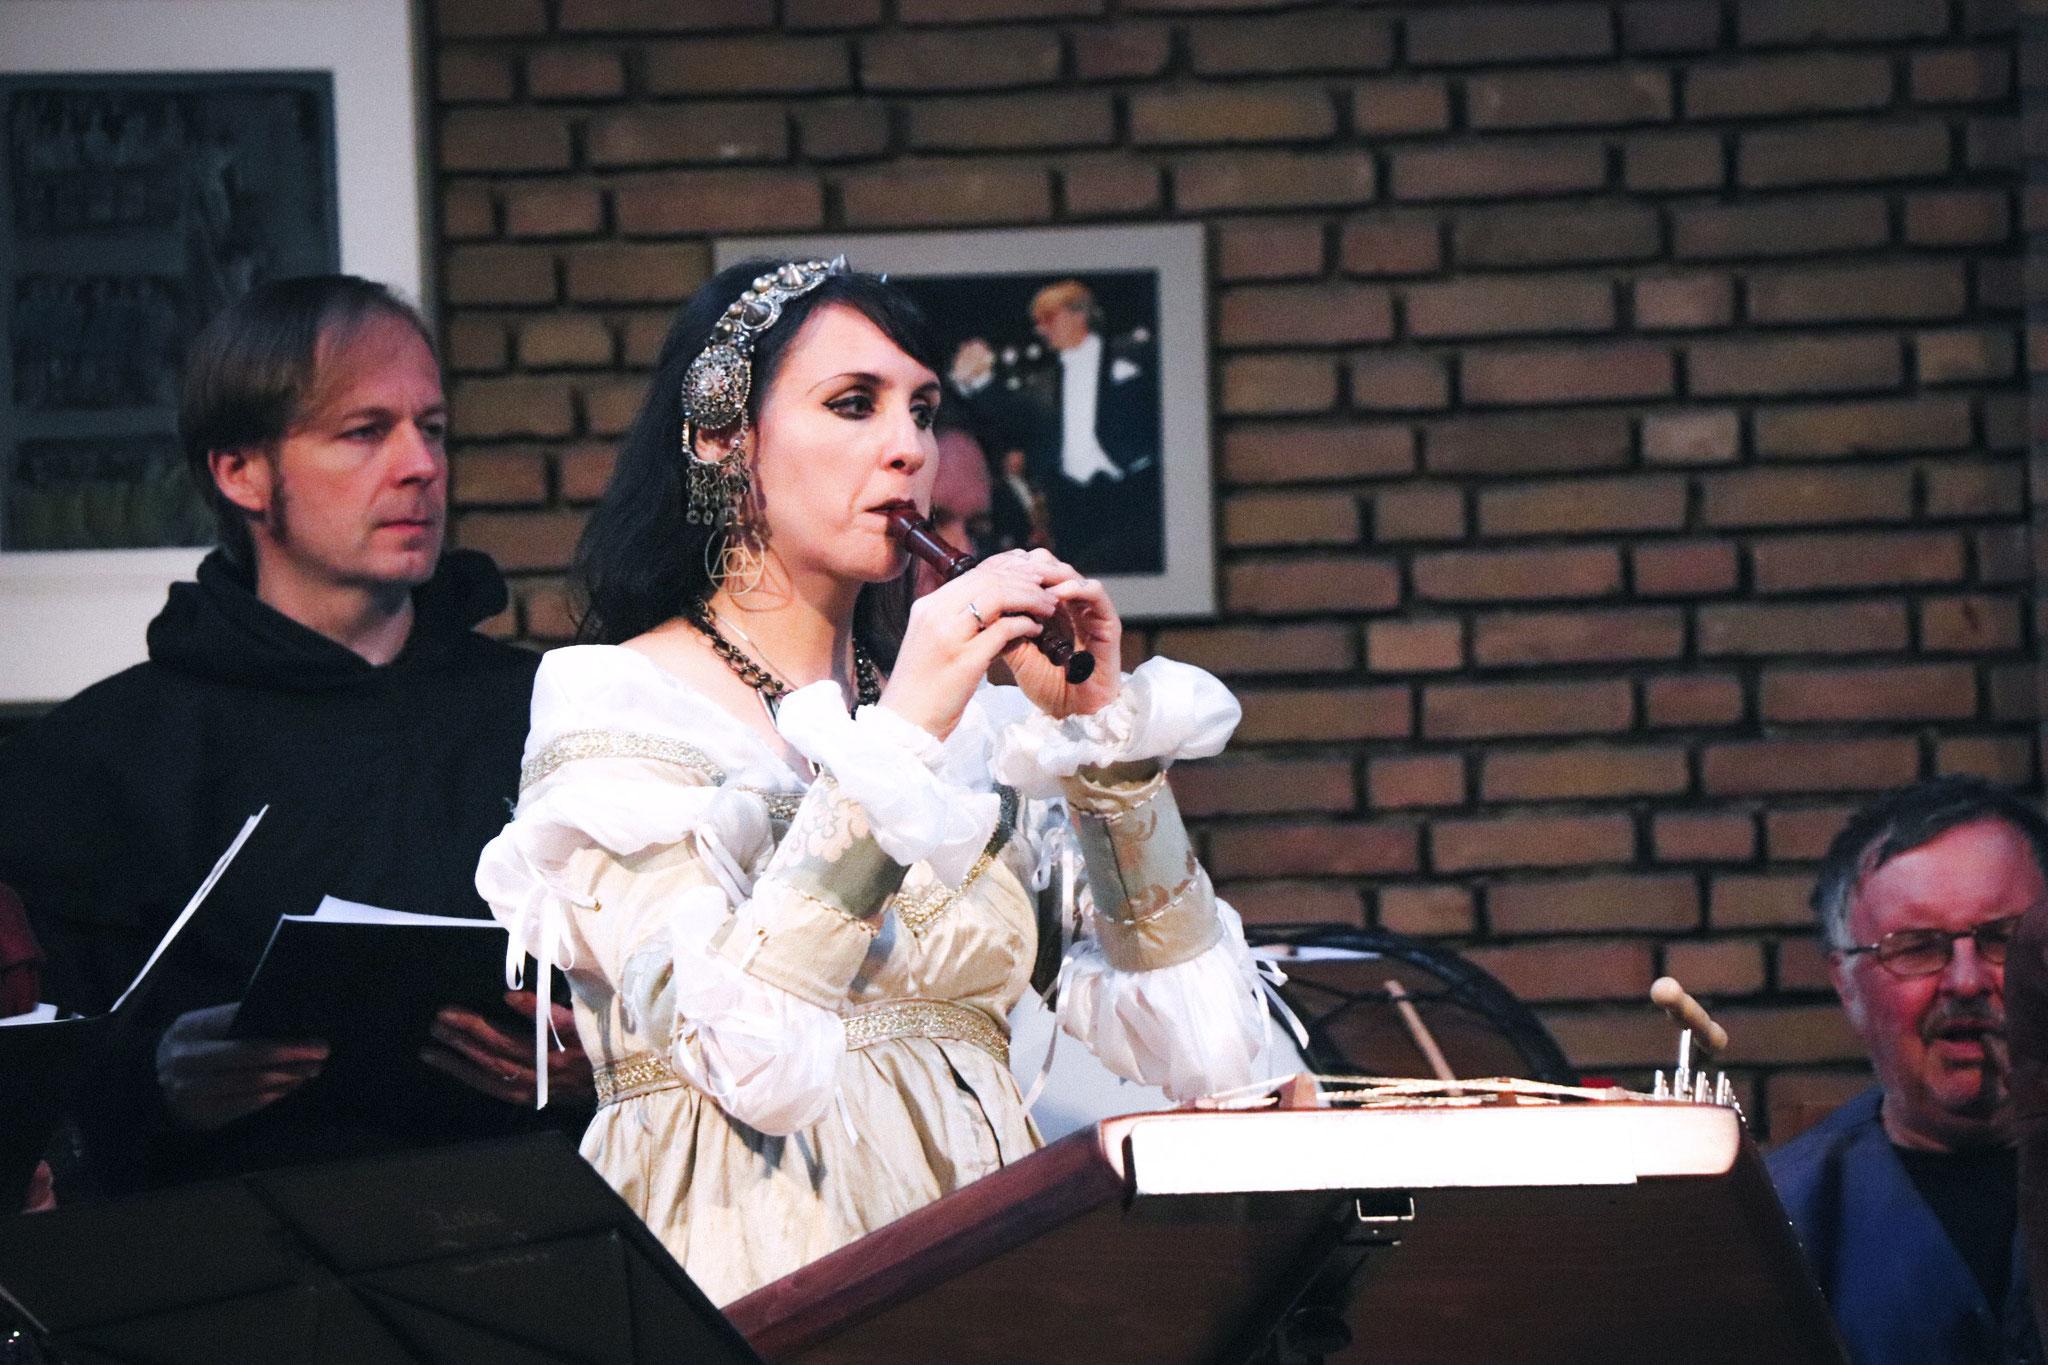 Violetta & Lilia caeli in der Erlöserkirche, Marl, September 2018 | Inge Pietsch